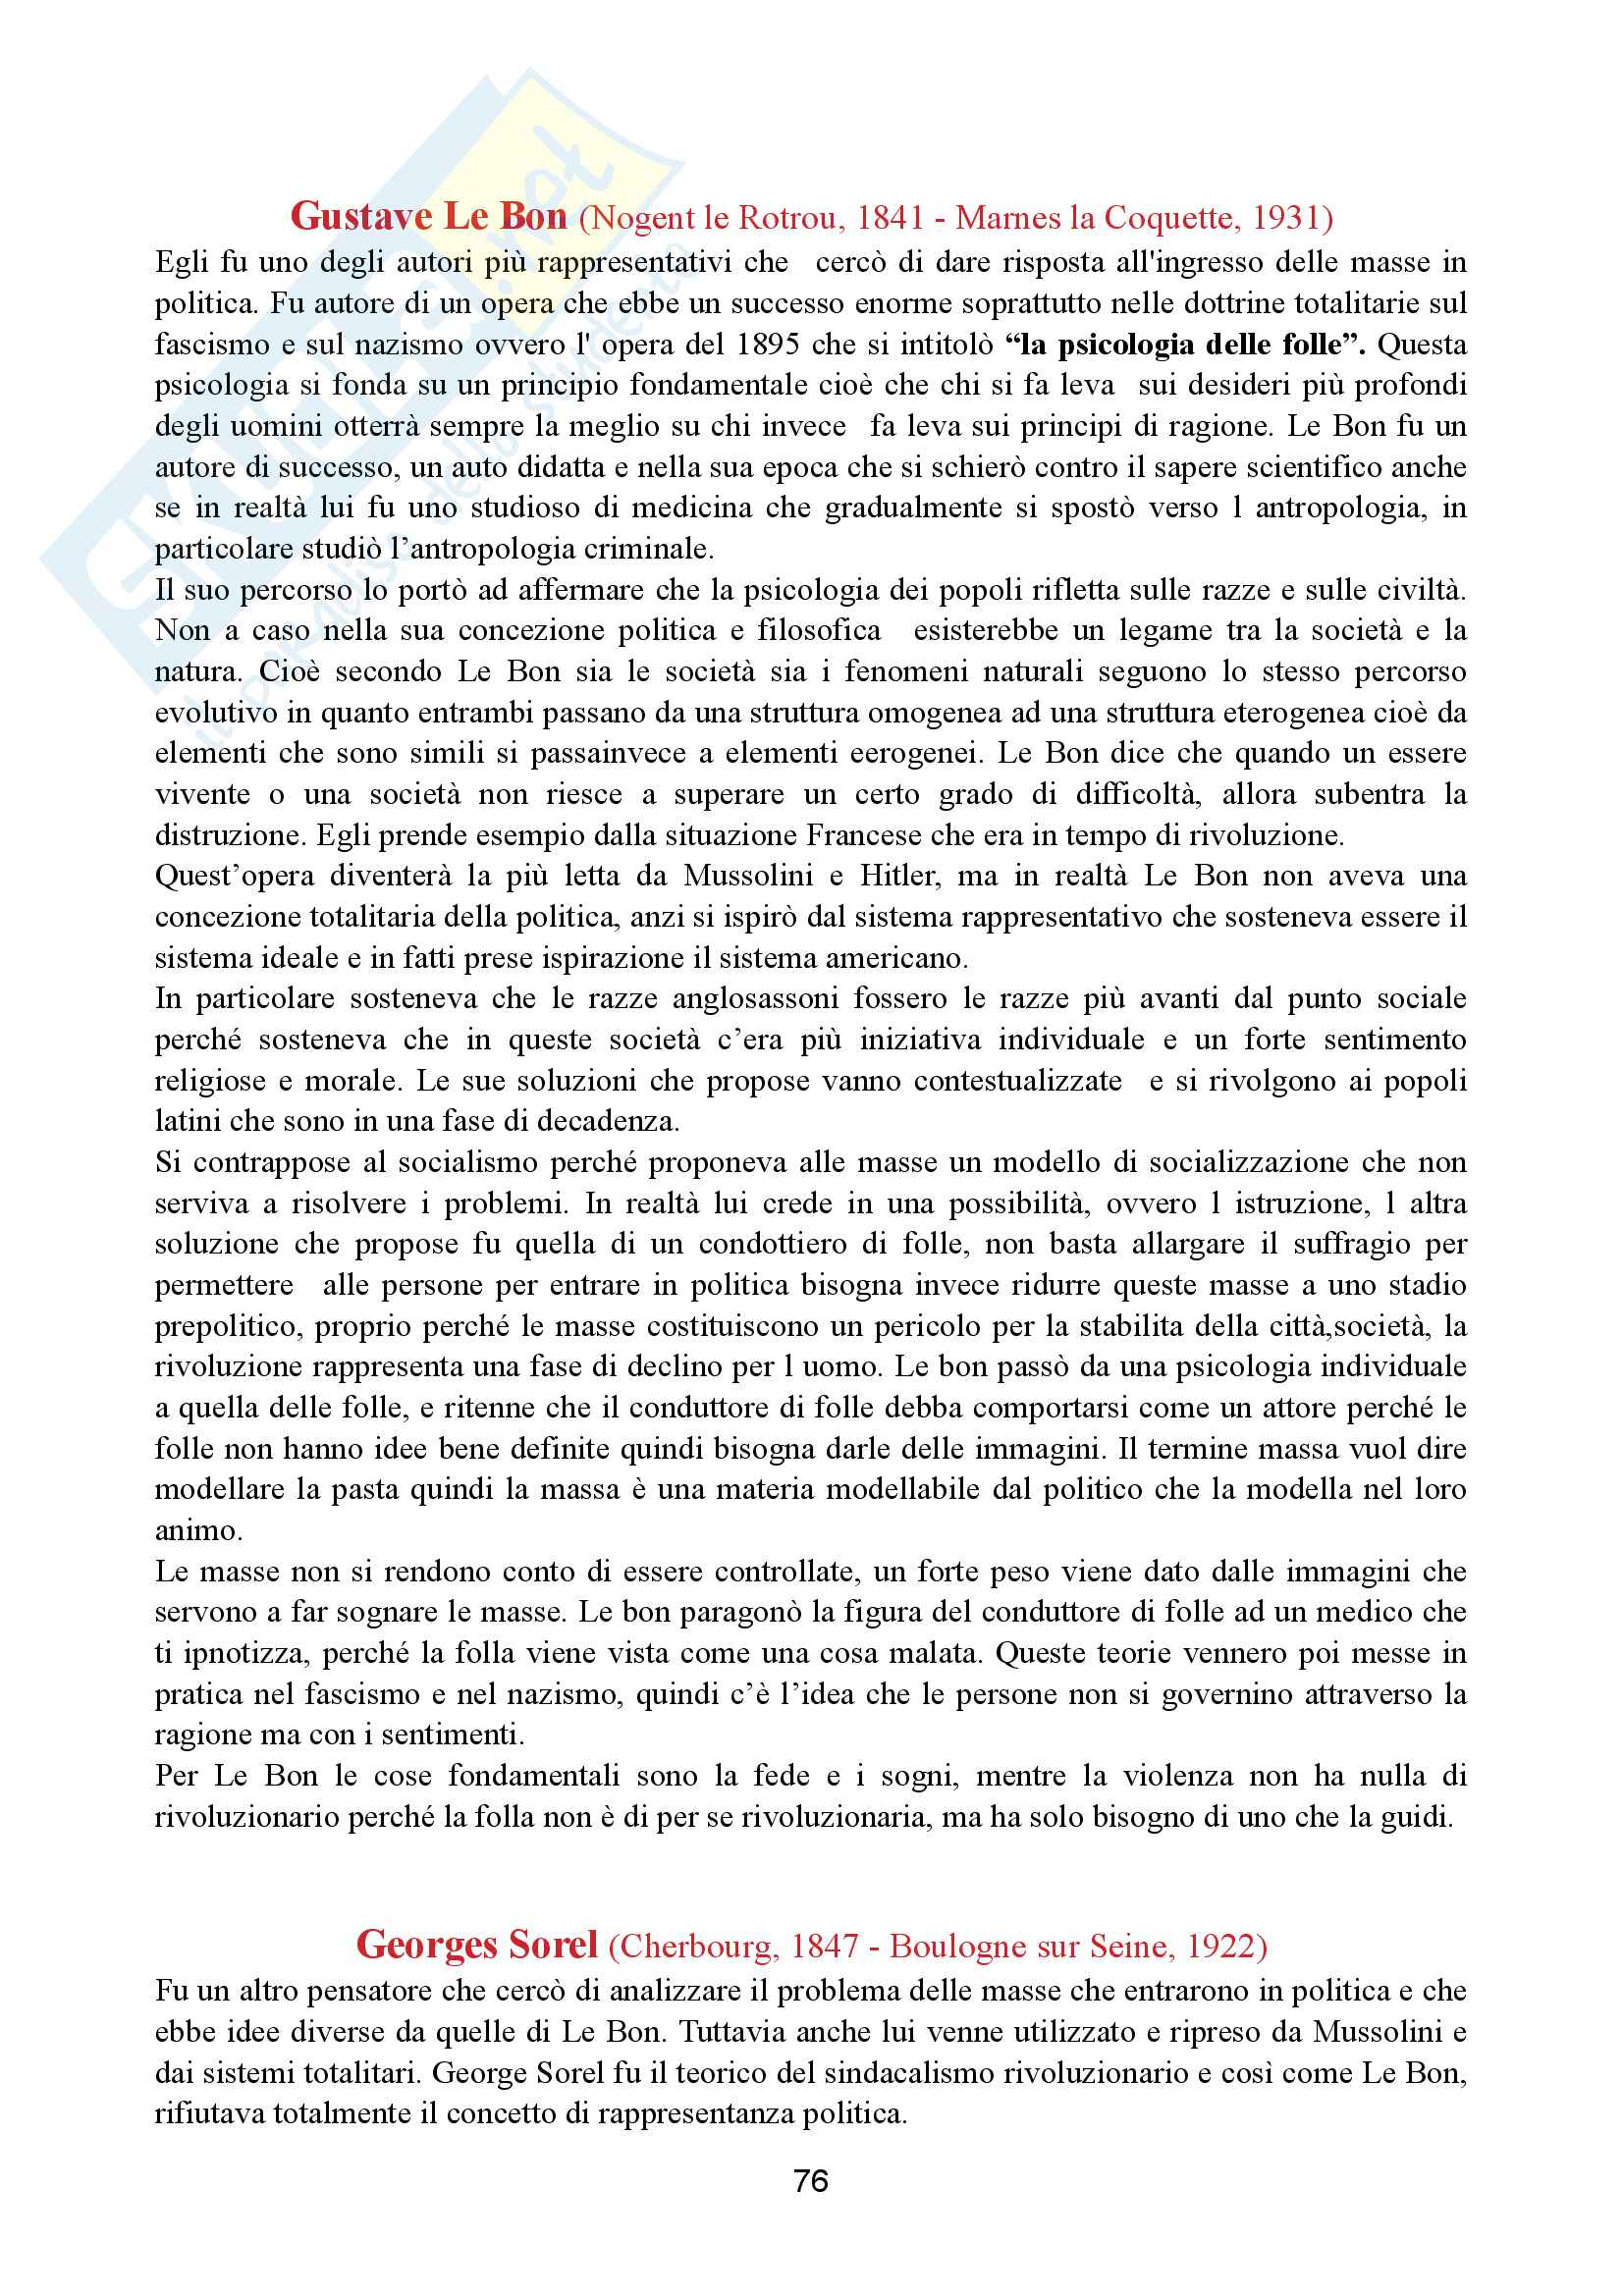 Storia del pensiero politico-dottrine politiche Pag. 76